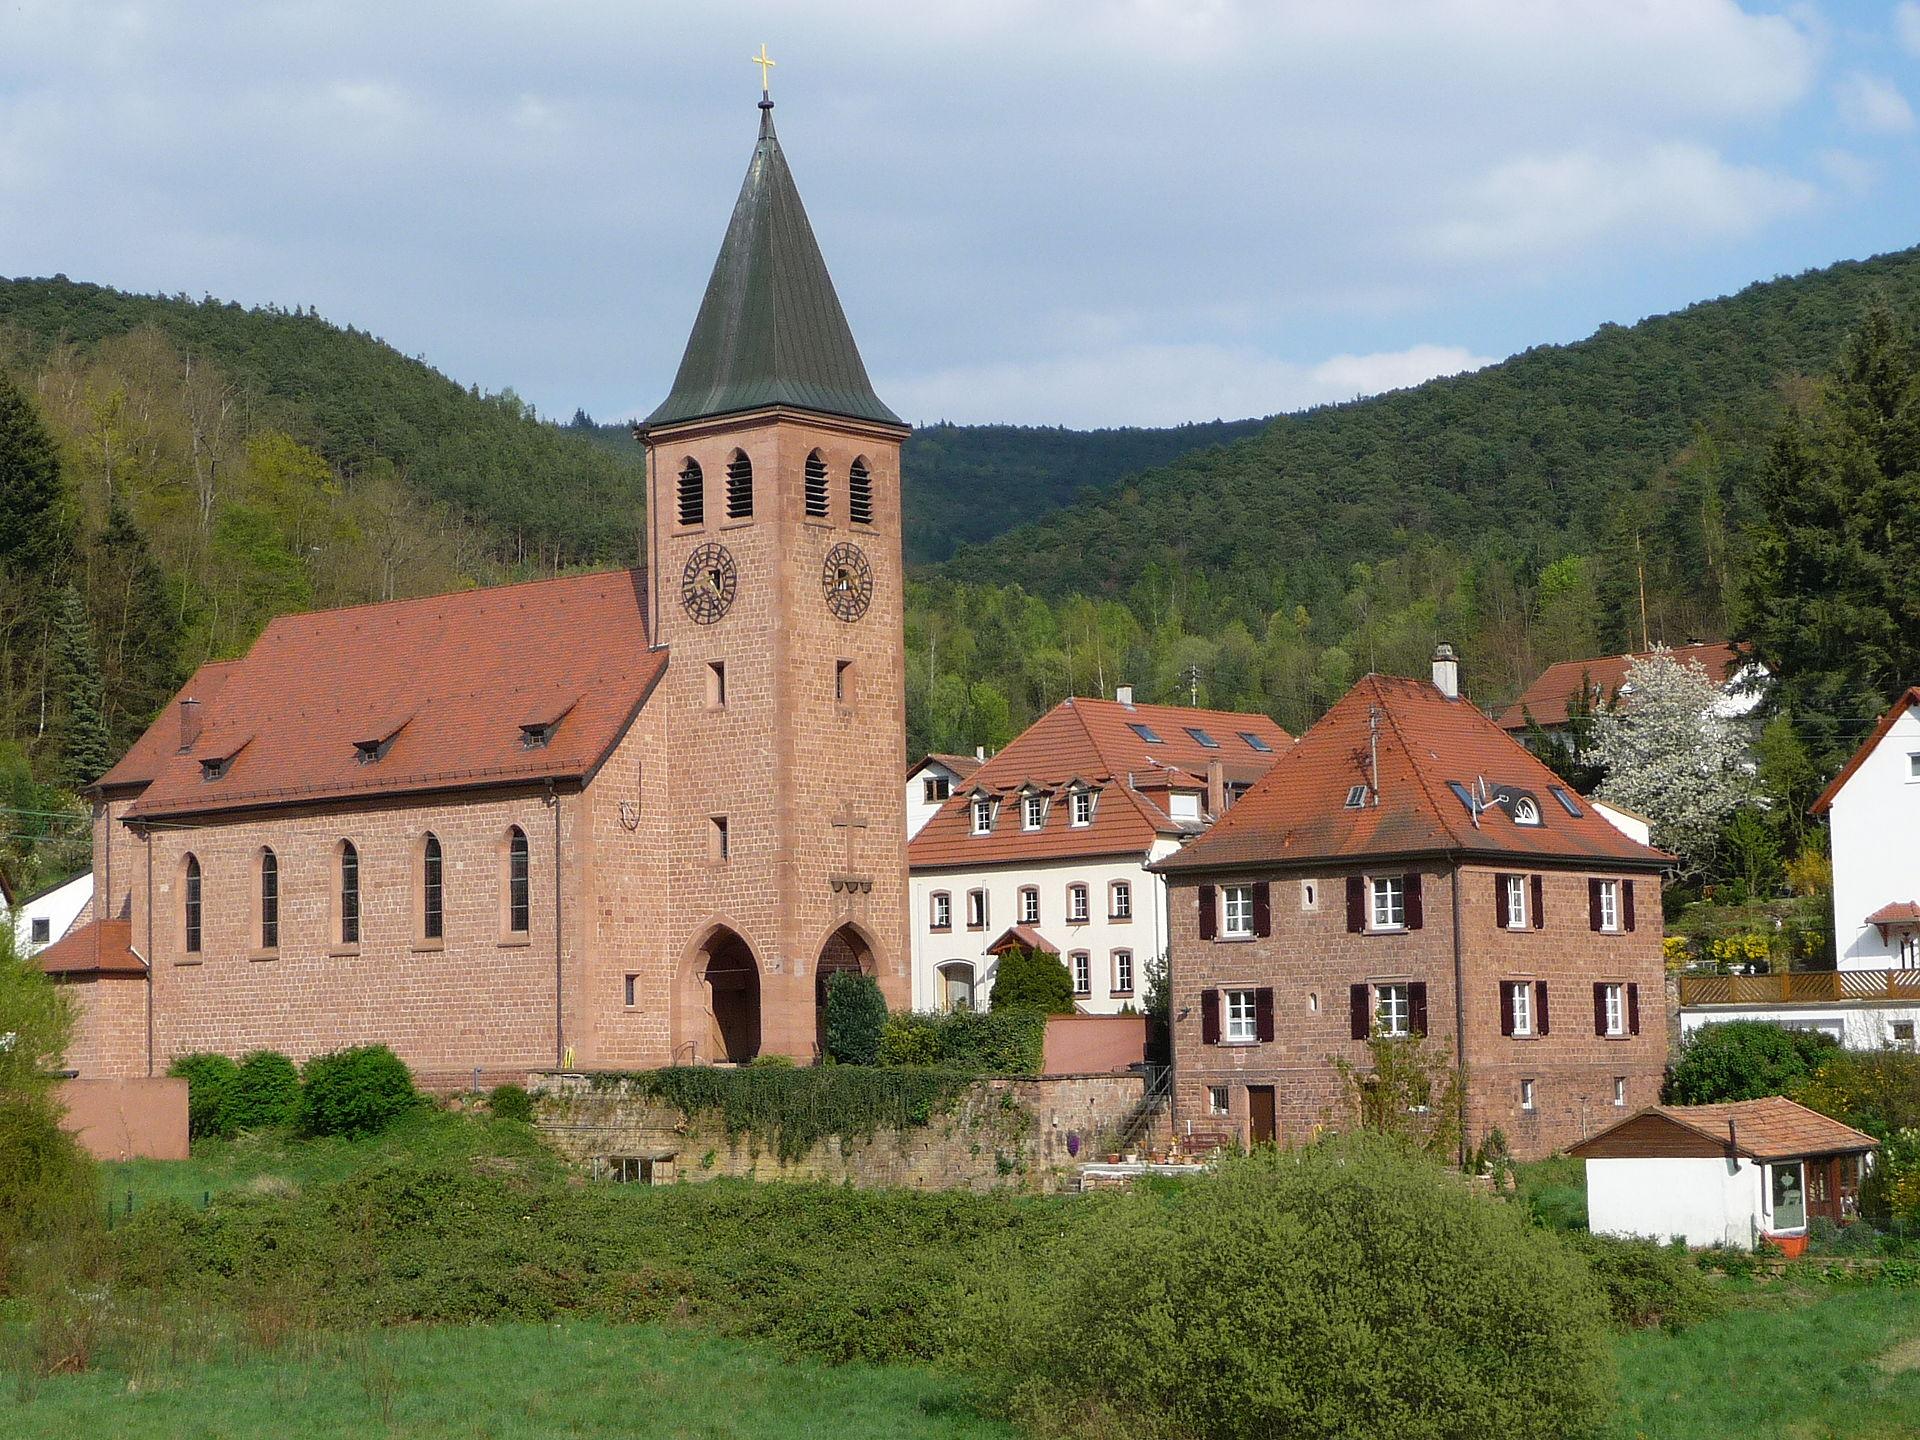 Lindenberg Pfalz